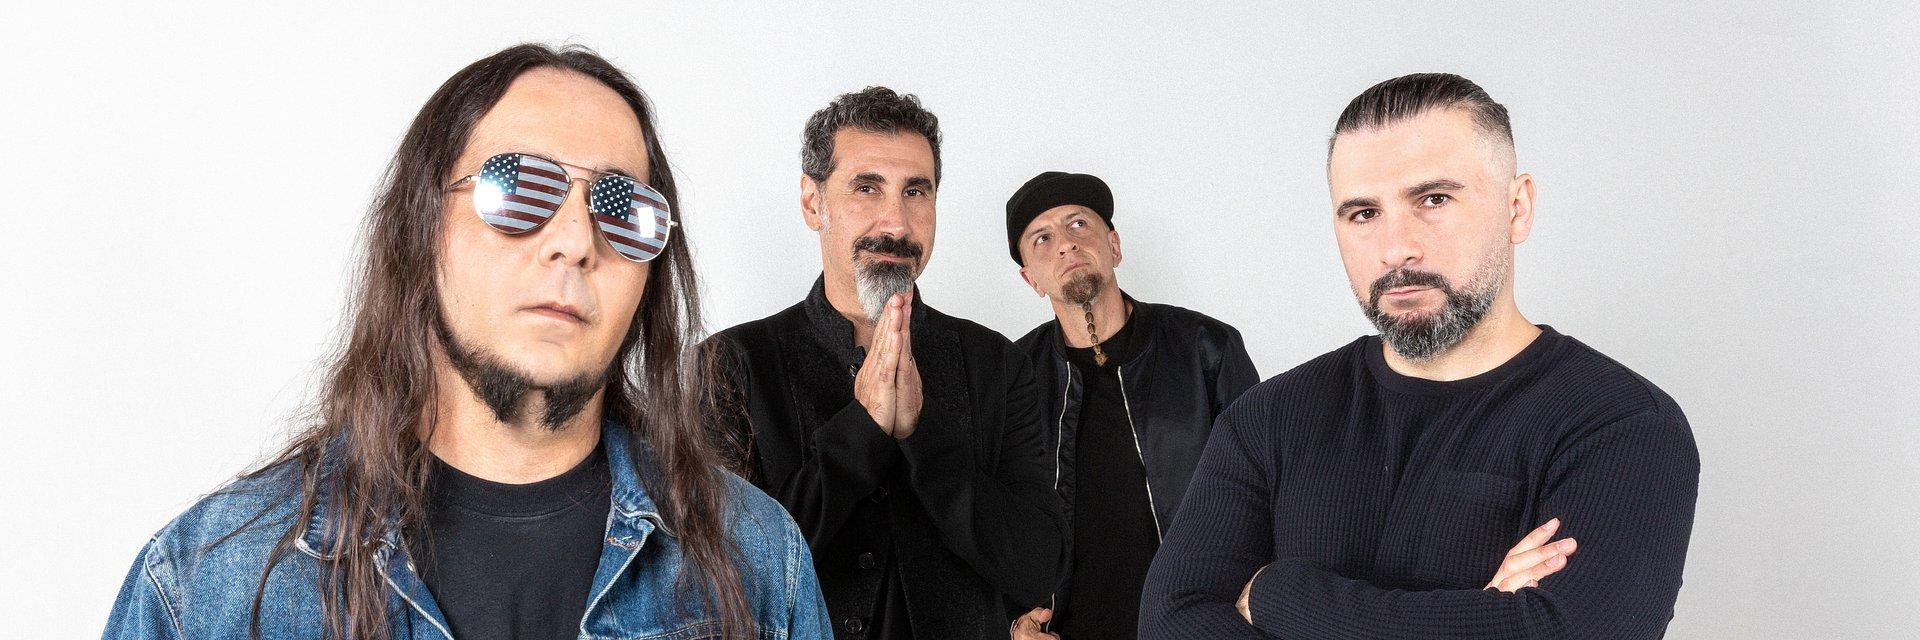 Dwa nowe single System Of A Down po 15letniej przerwie